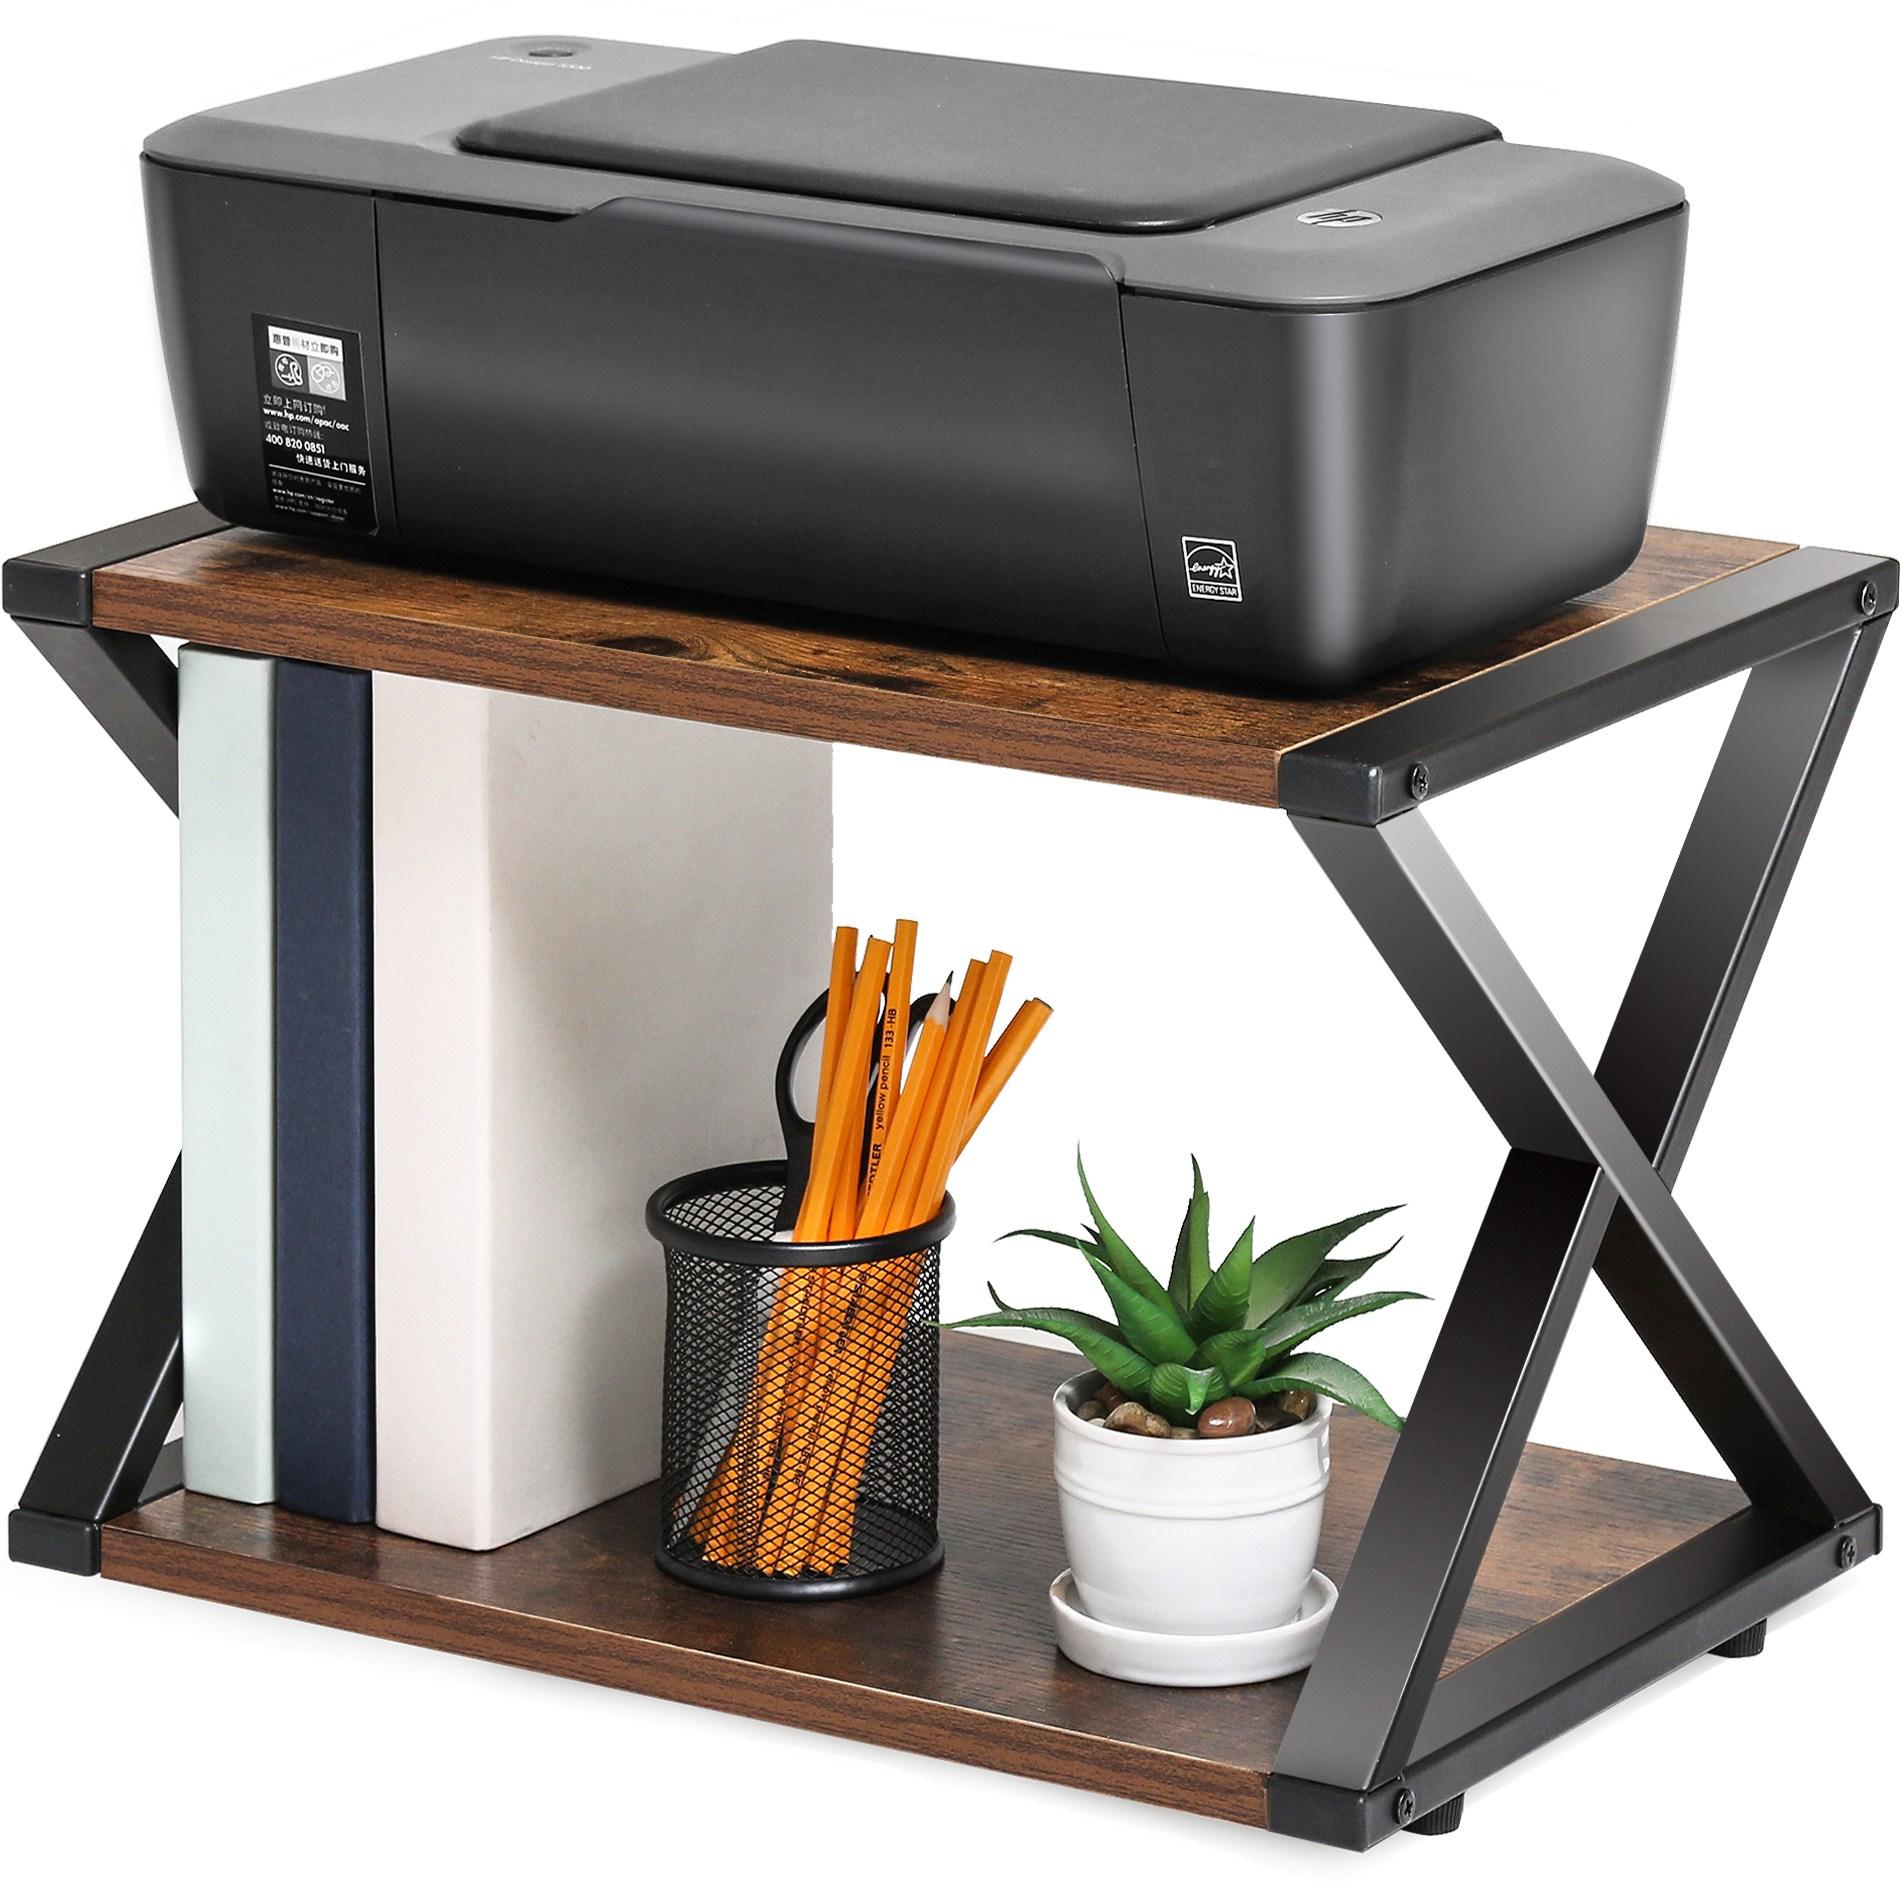 [국내 배송] FITUEYES 프린터선반 프린터받침 프린터스탠드, 갈색 DO204501WG